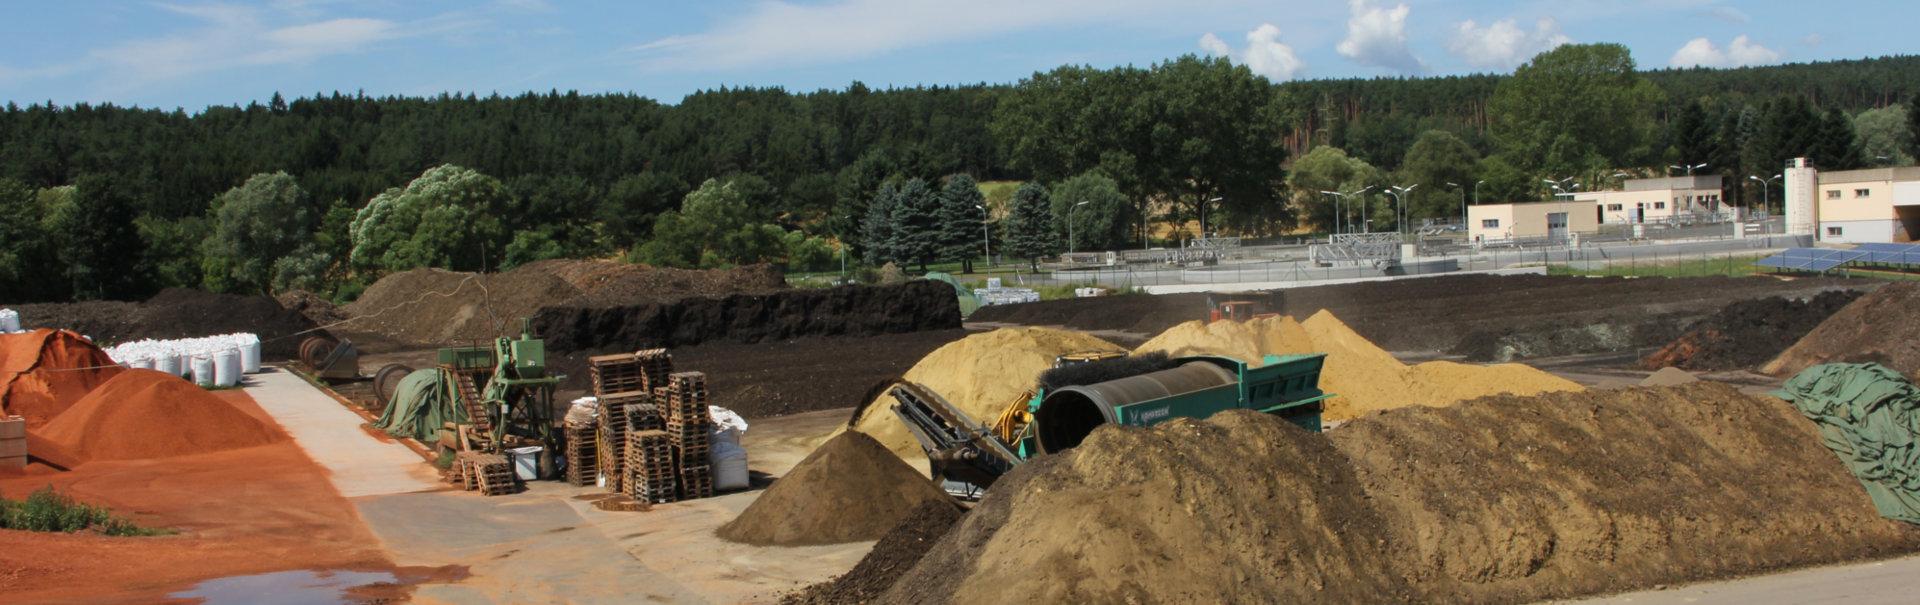 Übersicht über die einen Teil der Anlage der Firma Sonnenerde (Ziegelsplitt-Produktion, Erdenherstellung)